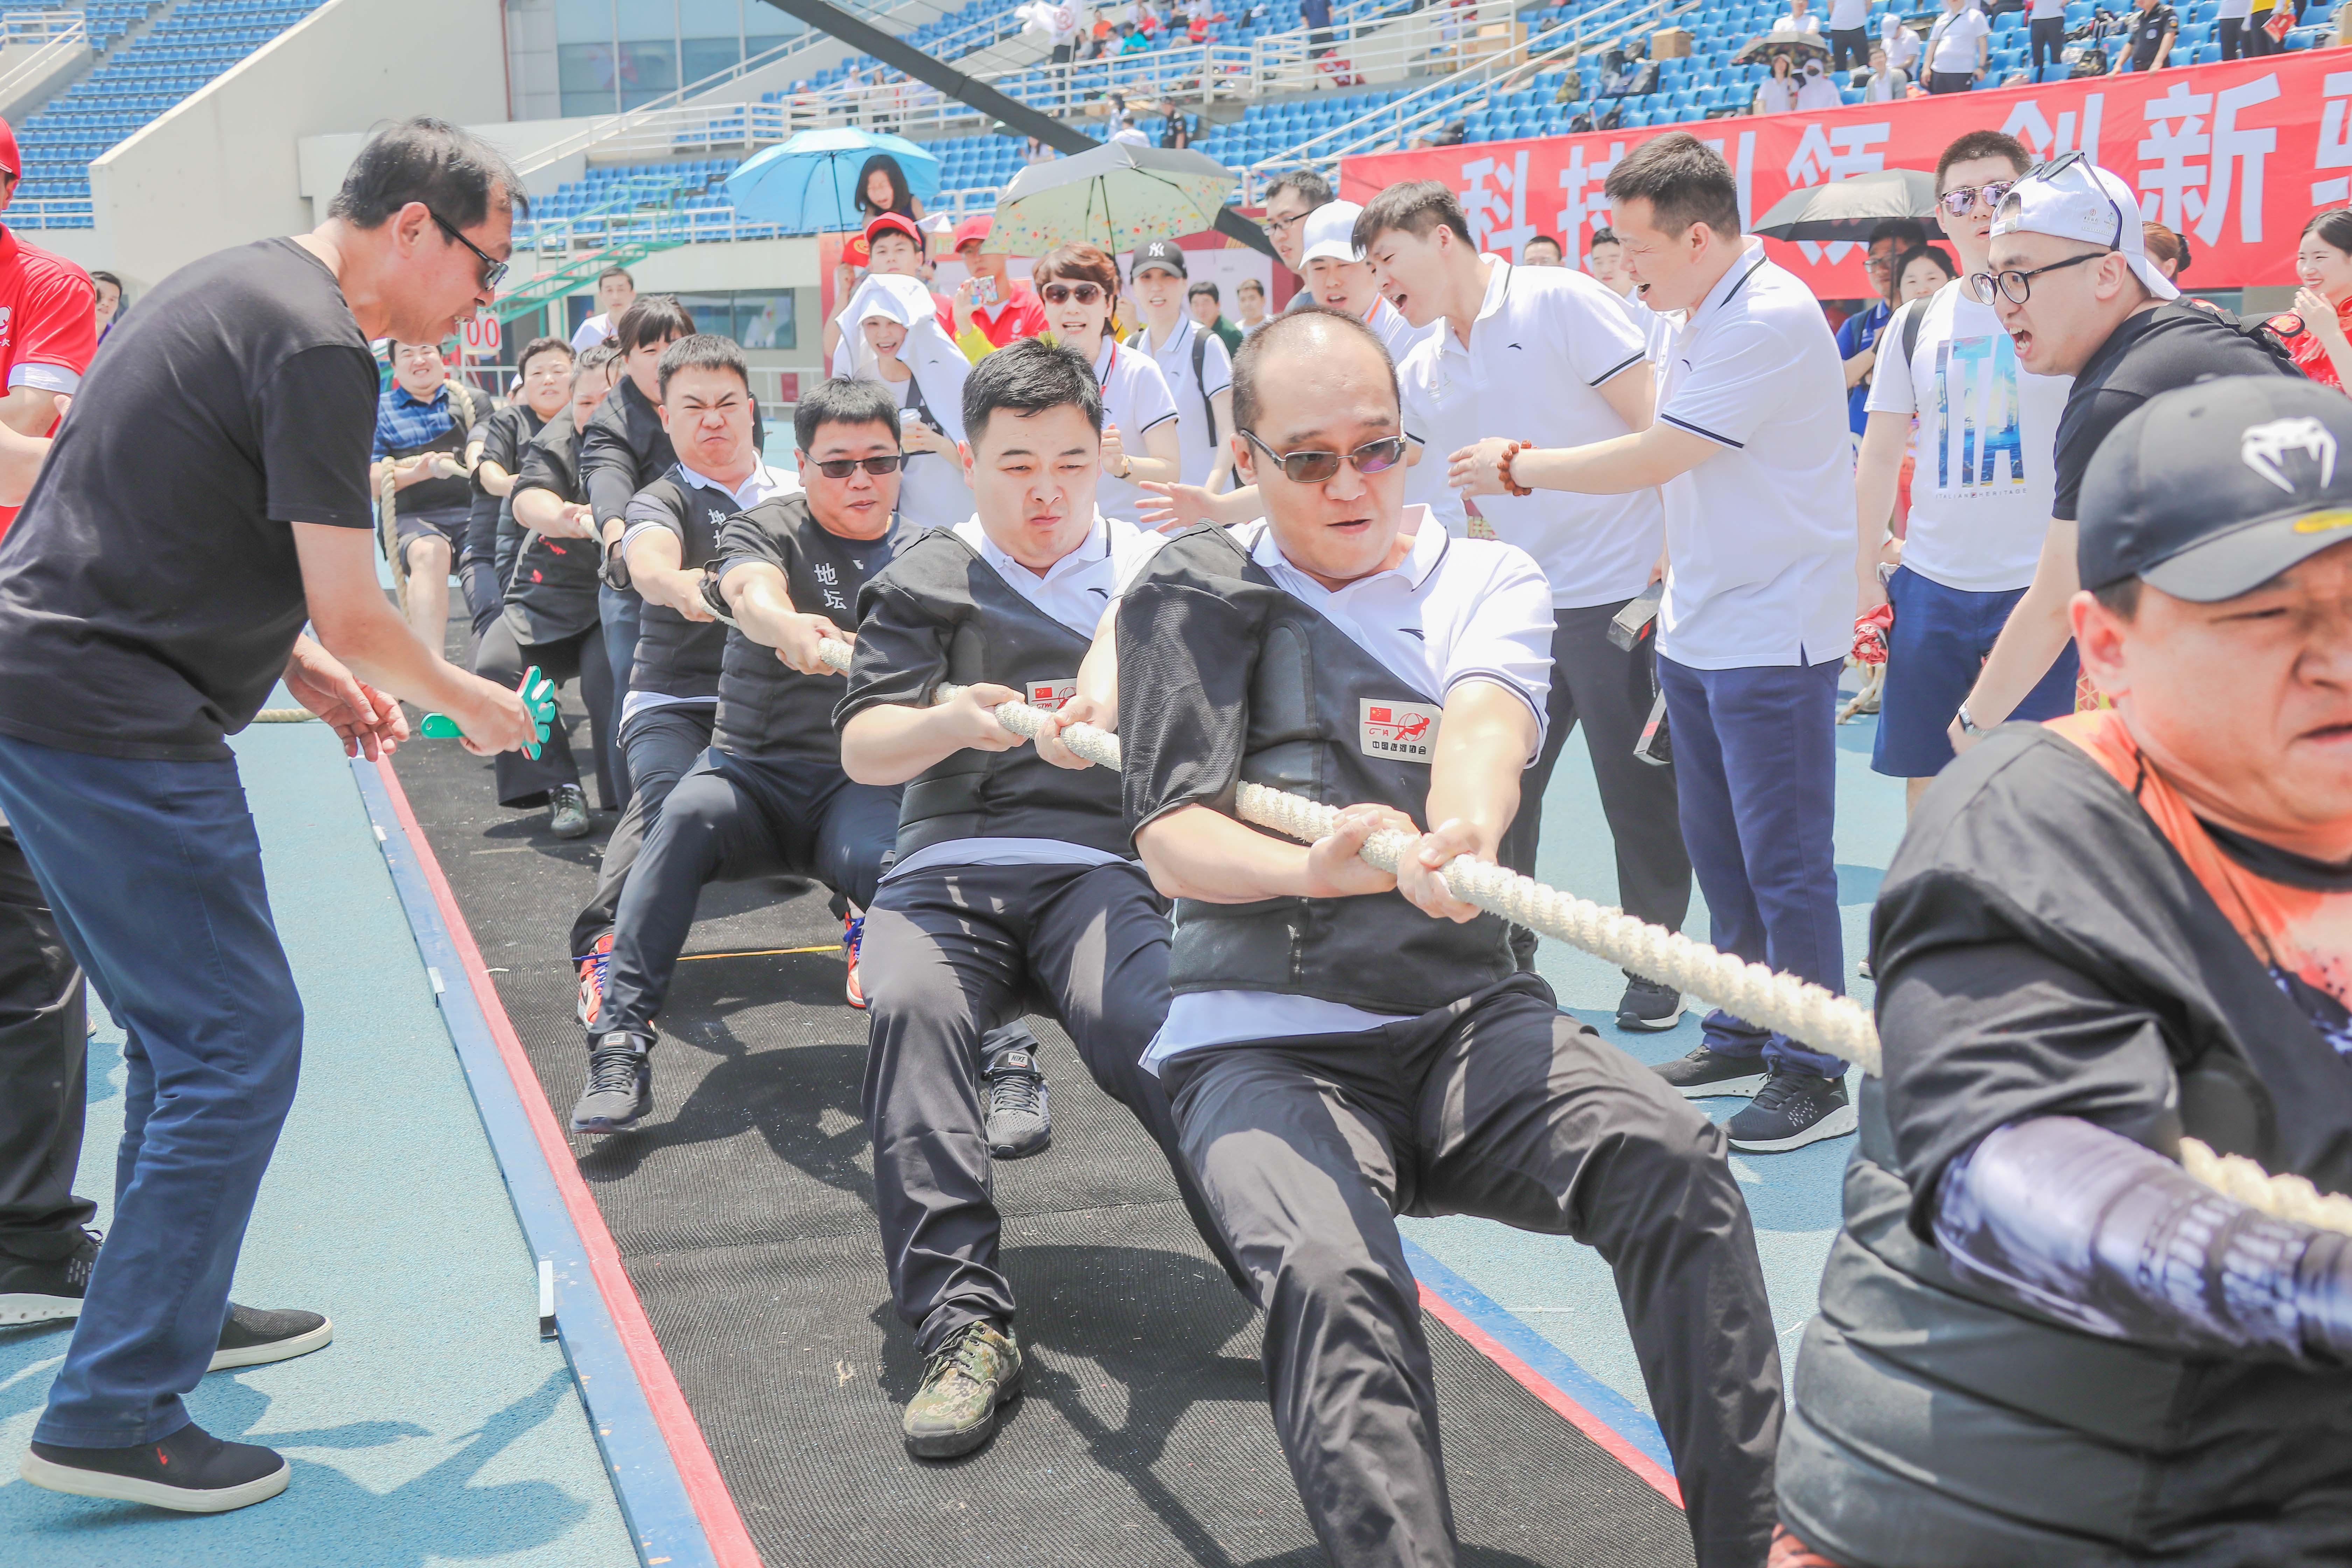 中國銀行運動會資料-IMG_3801